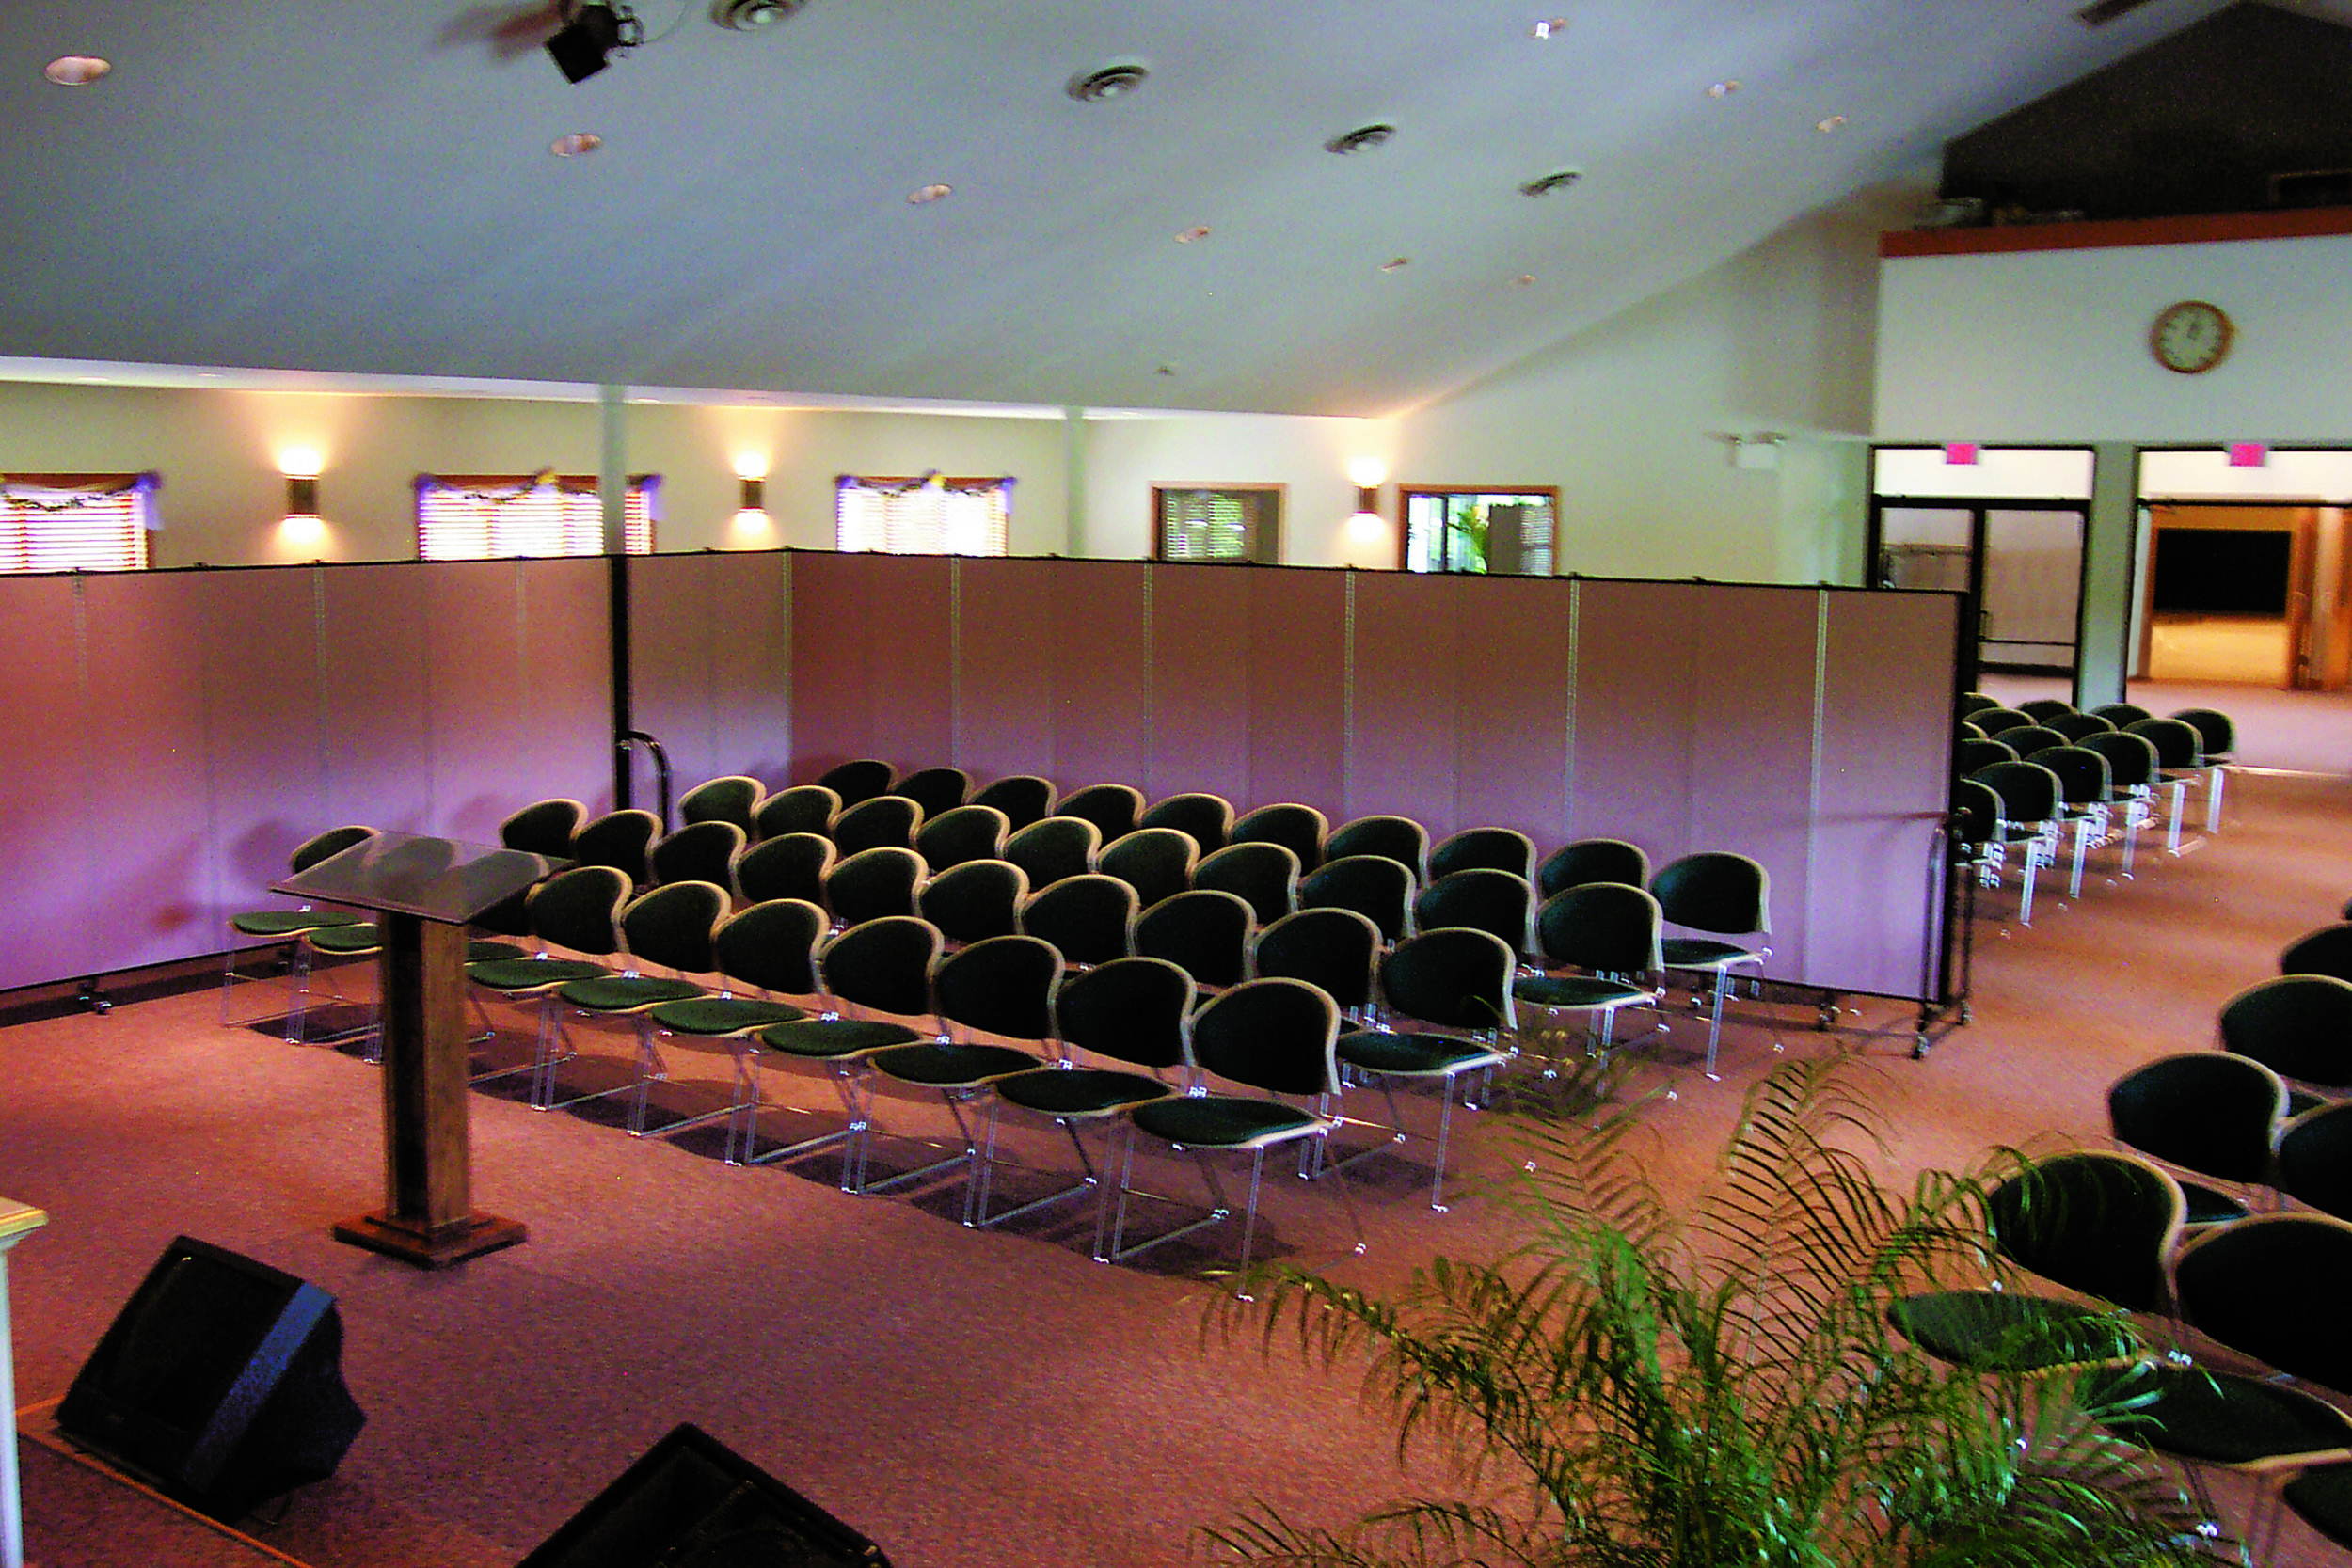 Screenflex portable screen in a church